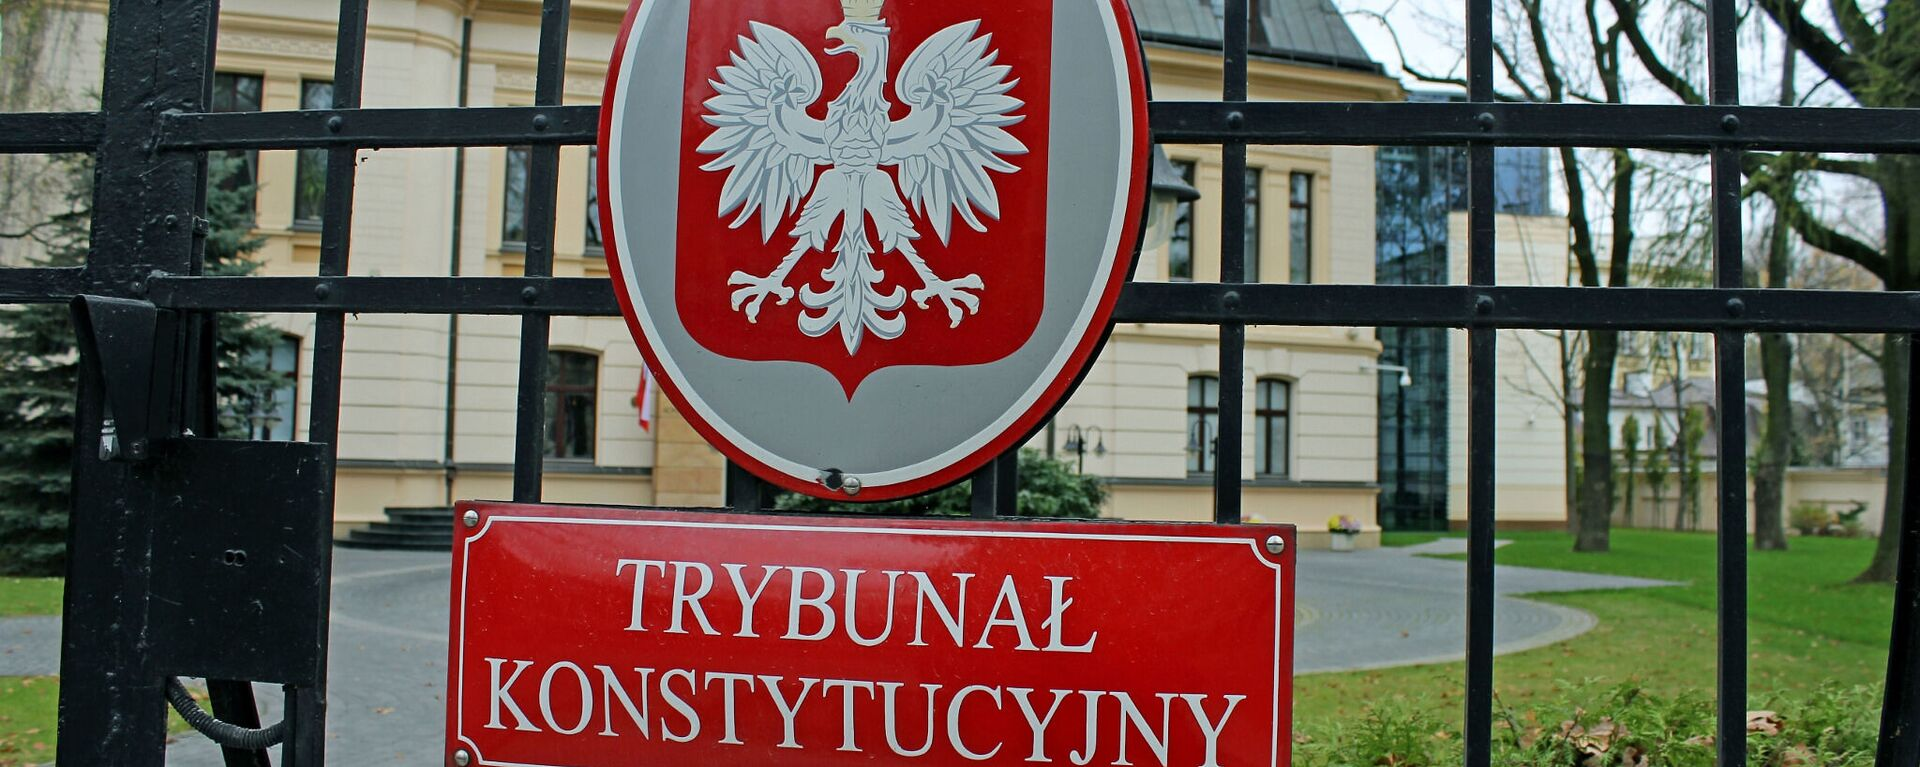 Trybunał Konstytucyjny w Warszawie - Sputnik Polska, 1920, 07.10.2021